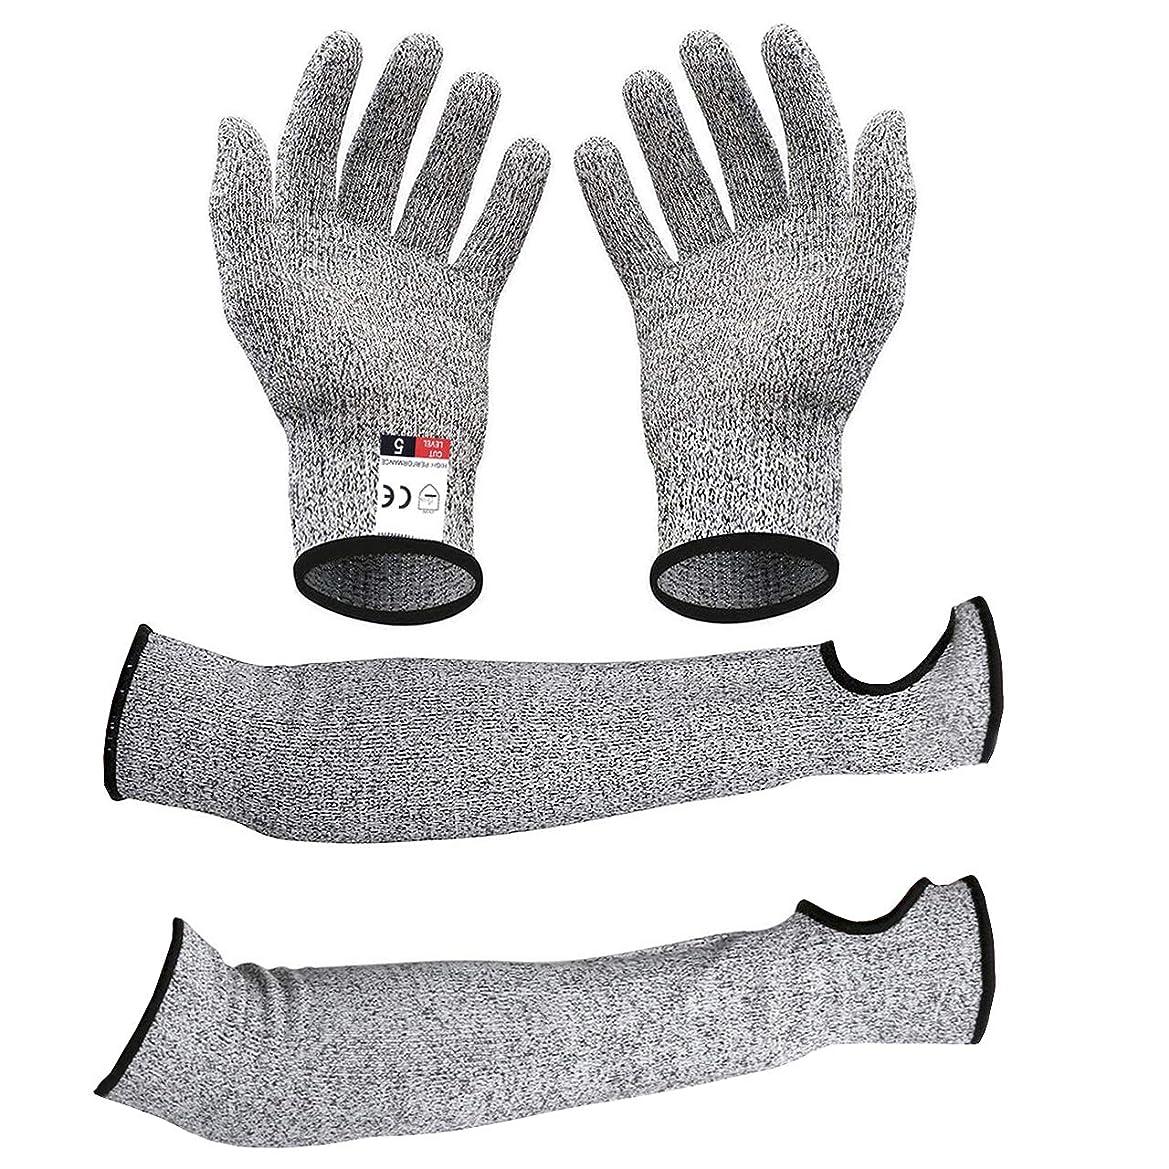 ノイズ単語ハックフェリモア リガー手袋 アームカバー 切れない 耐切創手袋 防刃 軍手 作業グローブ 2種セット